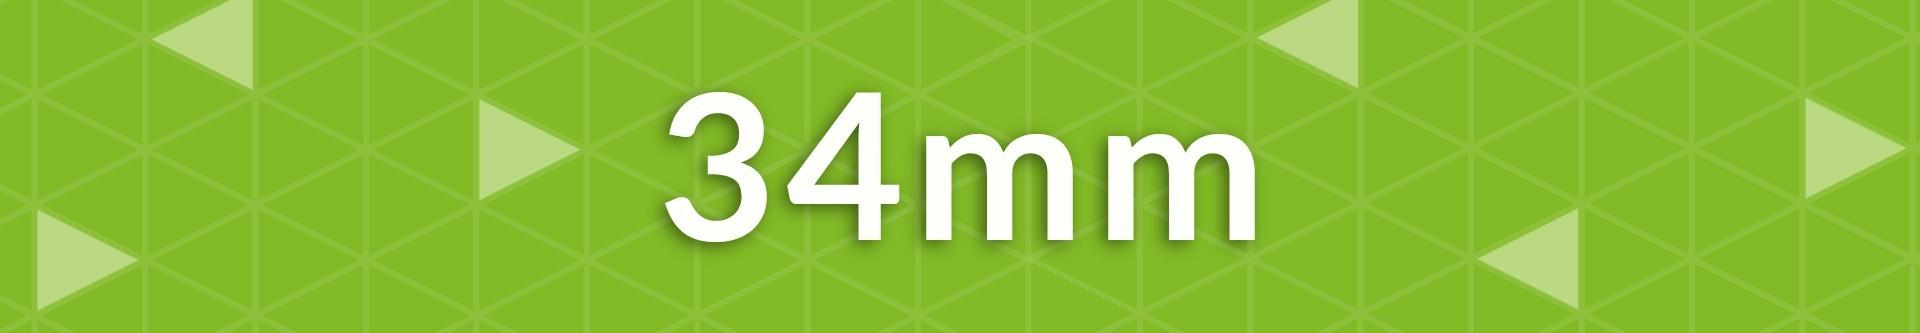 Casetas 34 mm